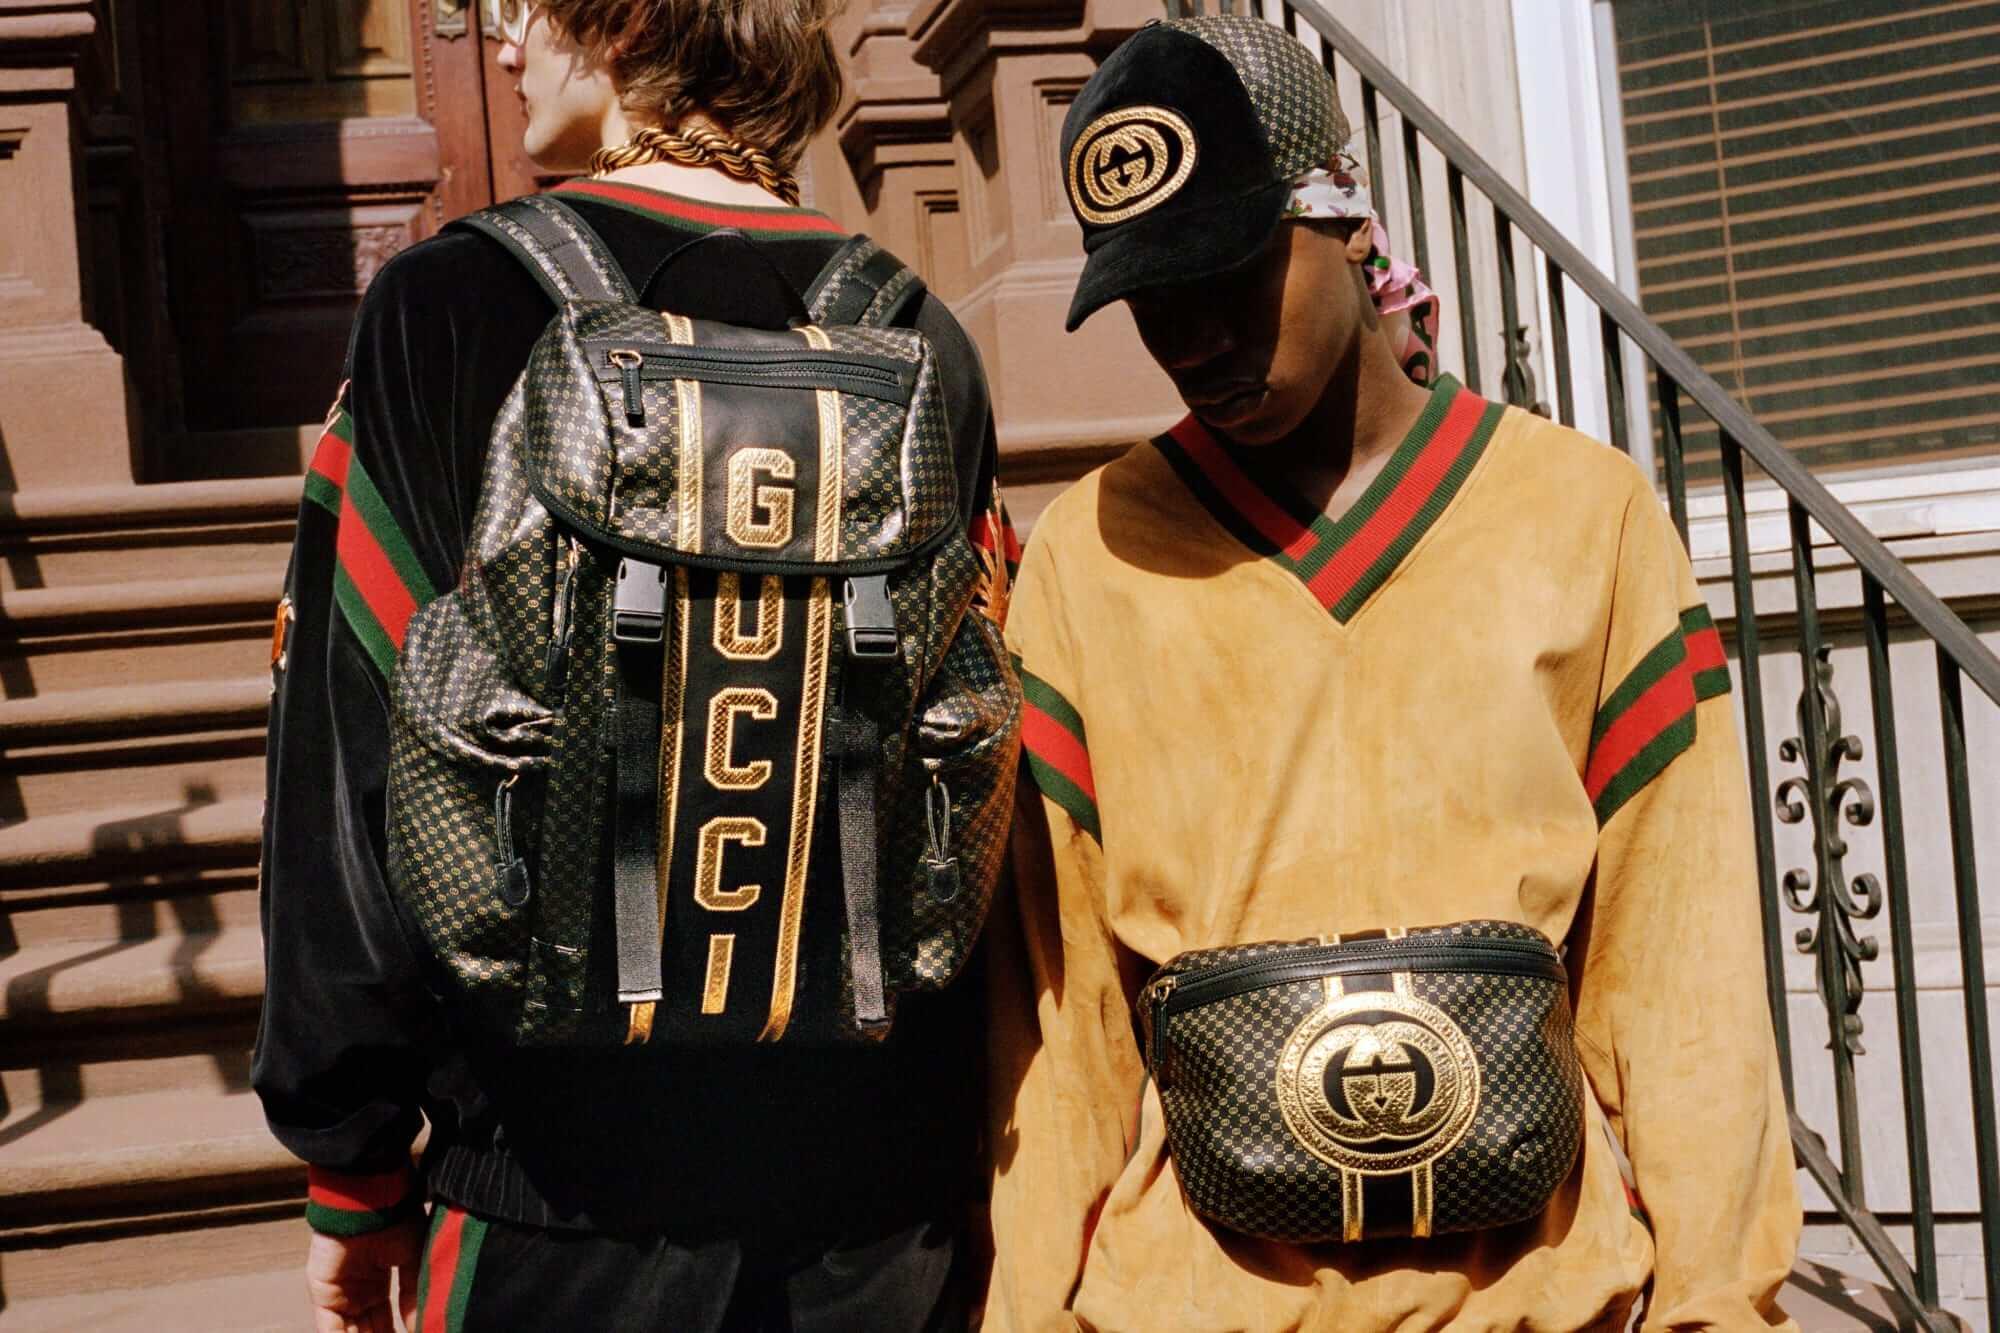 Dapper Dan x Gucci. Fotografía: Ari Marcopoulos/Gucci